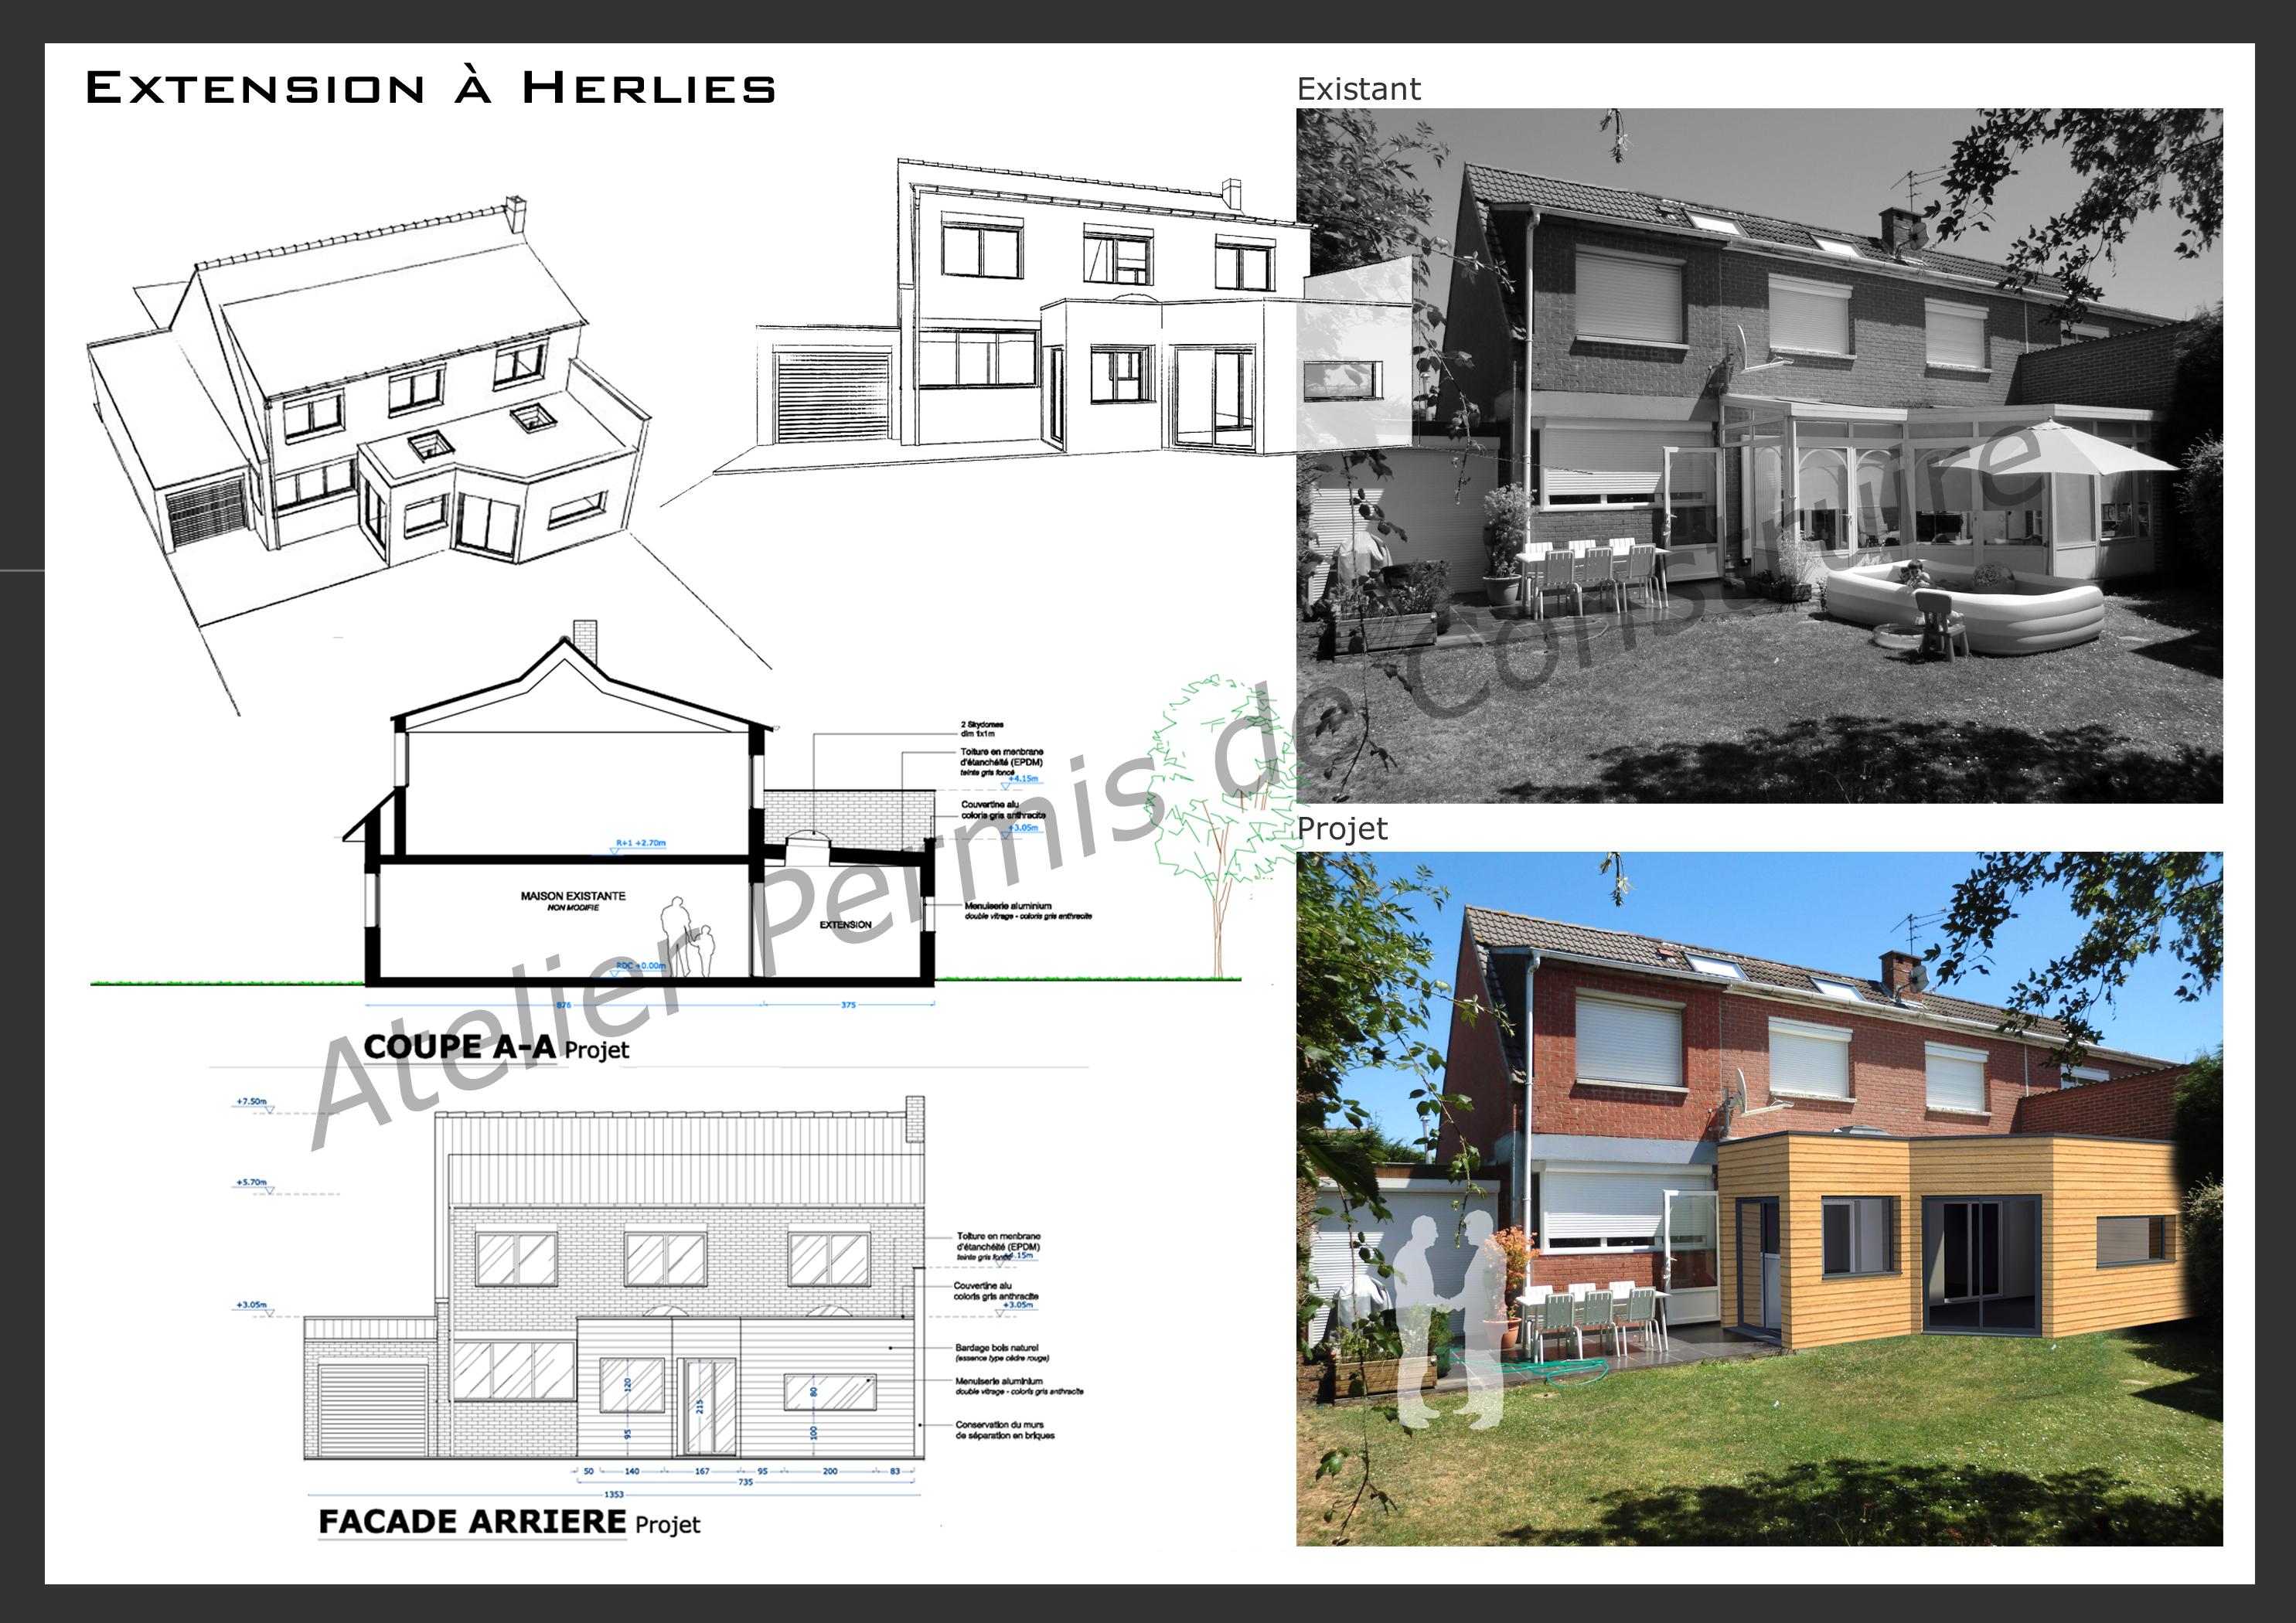 15.22 Atelier Permis de construire extension nord Herlies